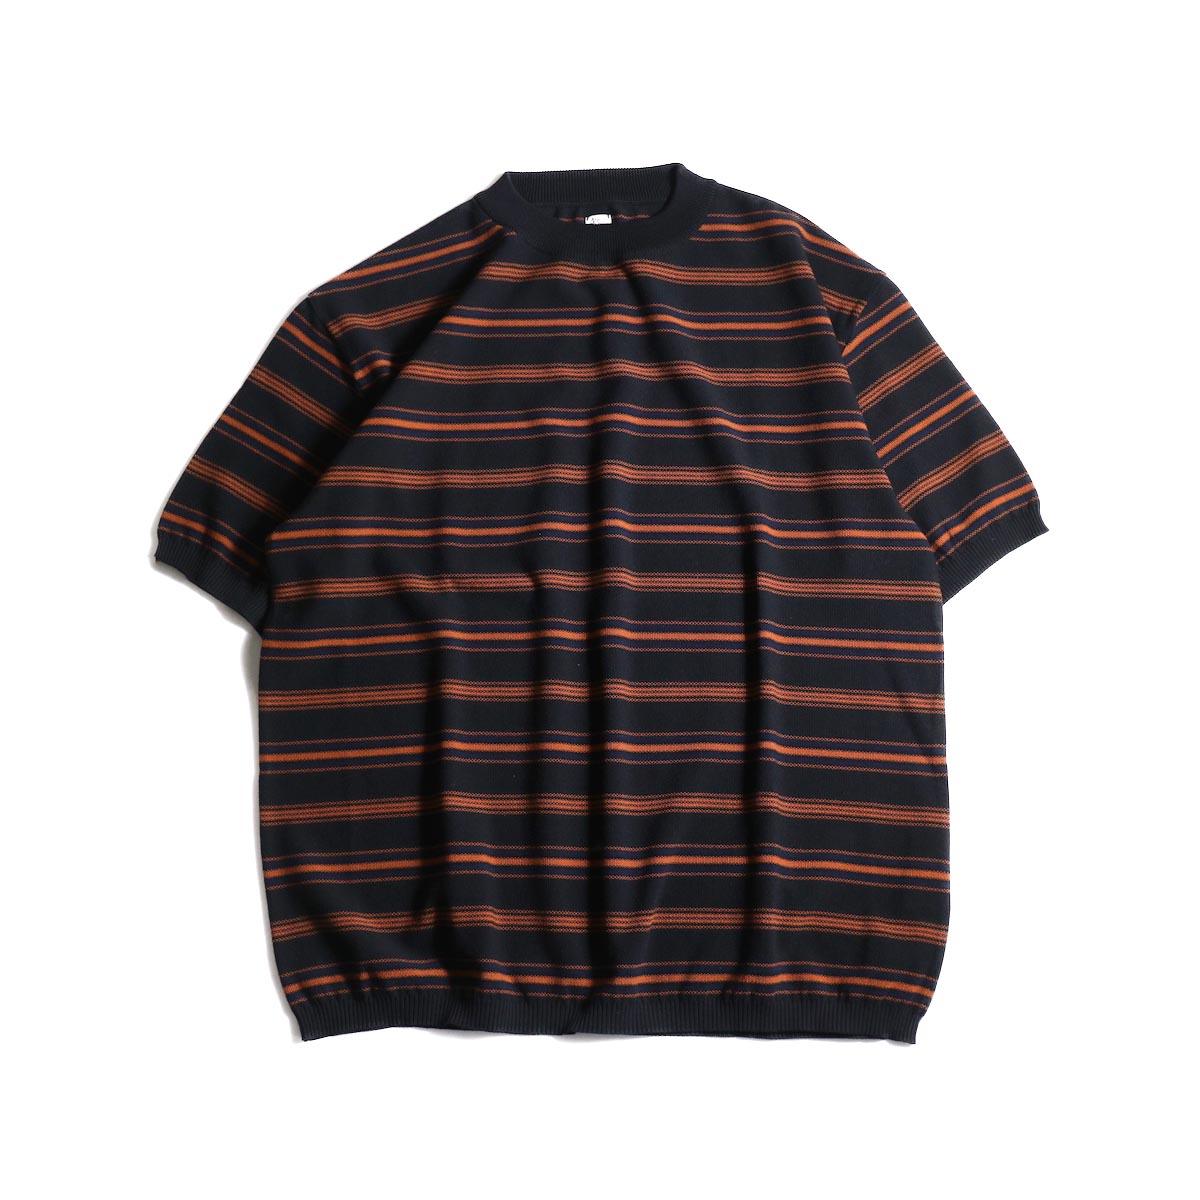 Kaptain Sunshine / Crewneck Knit Border Tee (Black Multi Border)